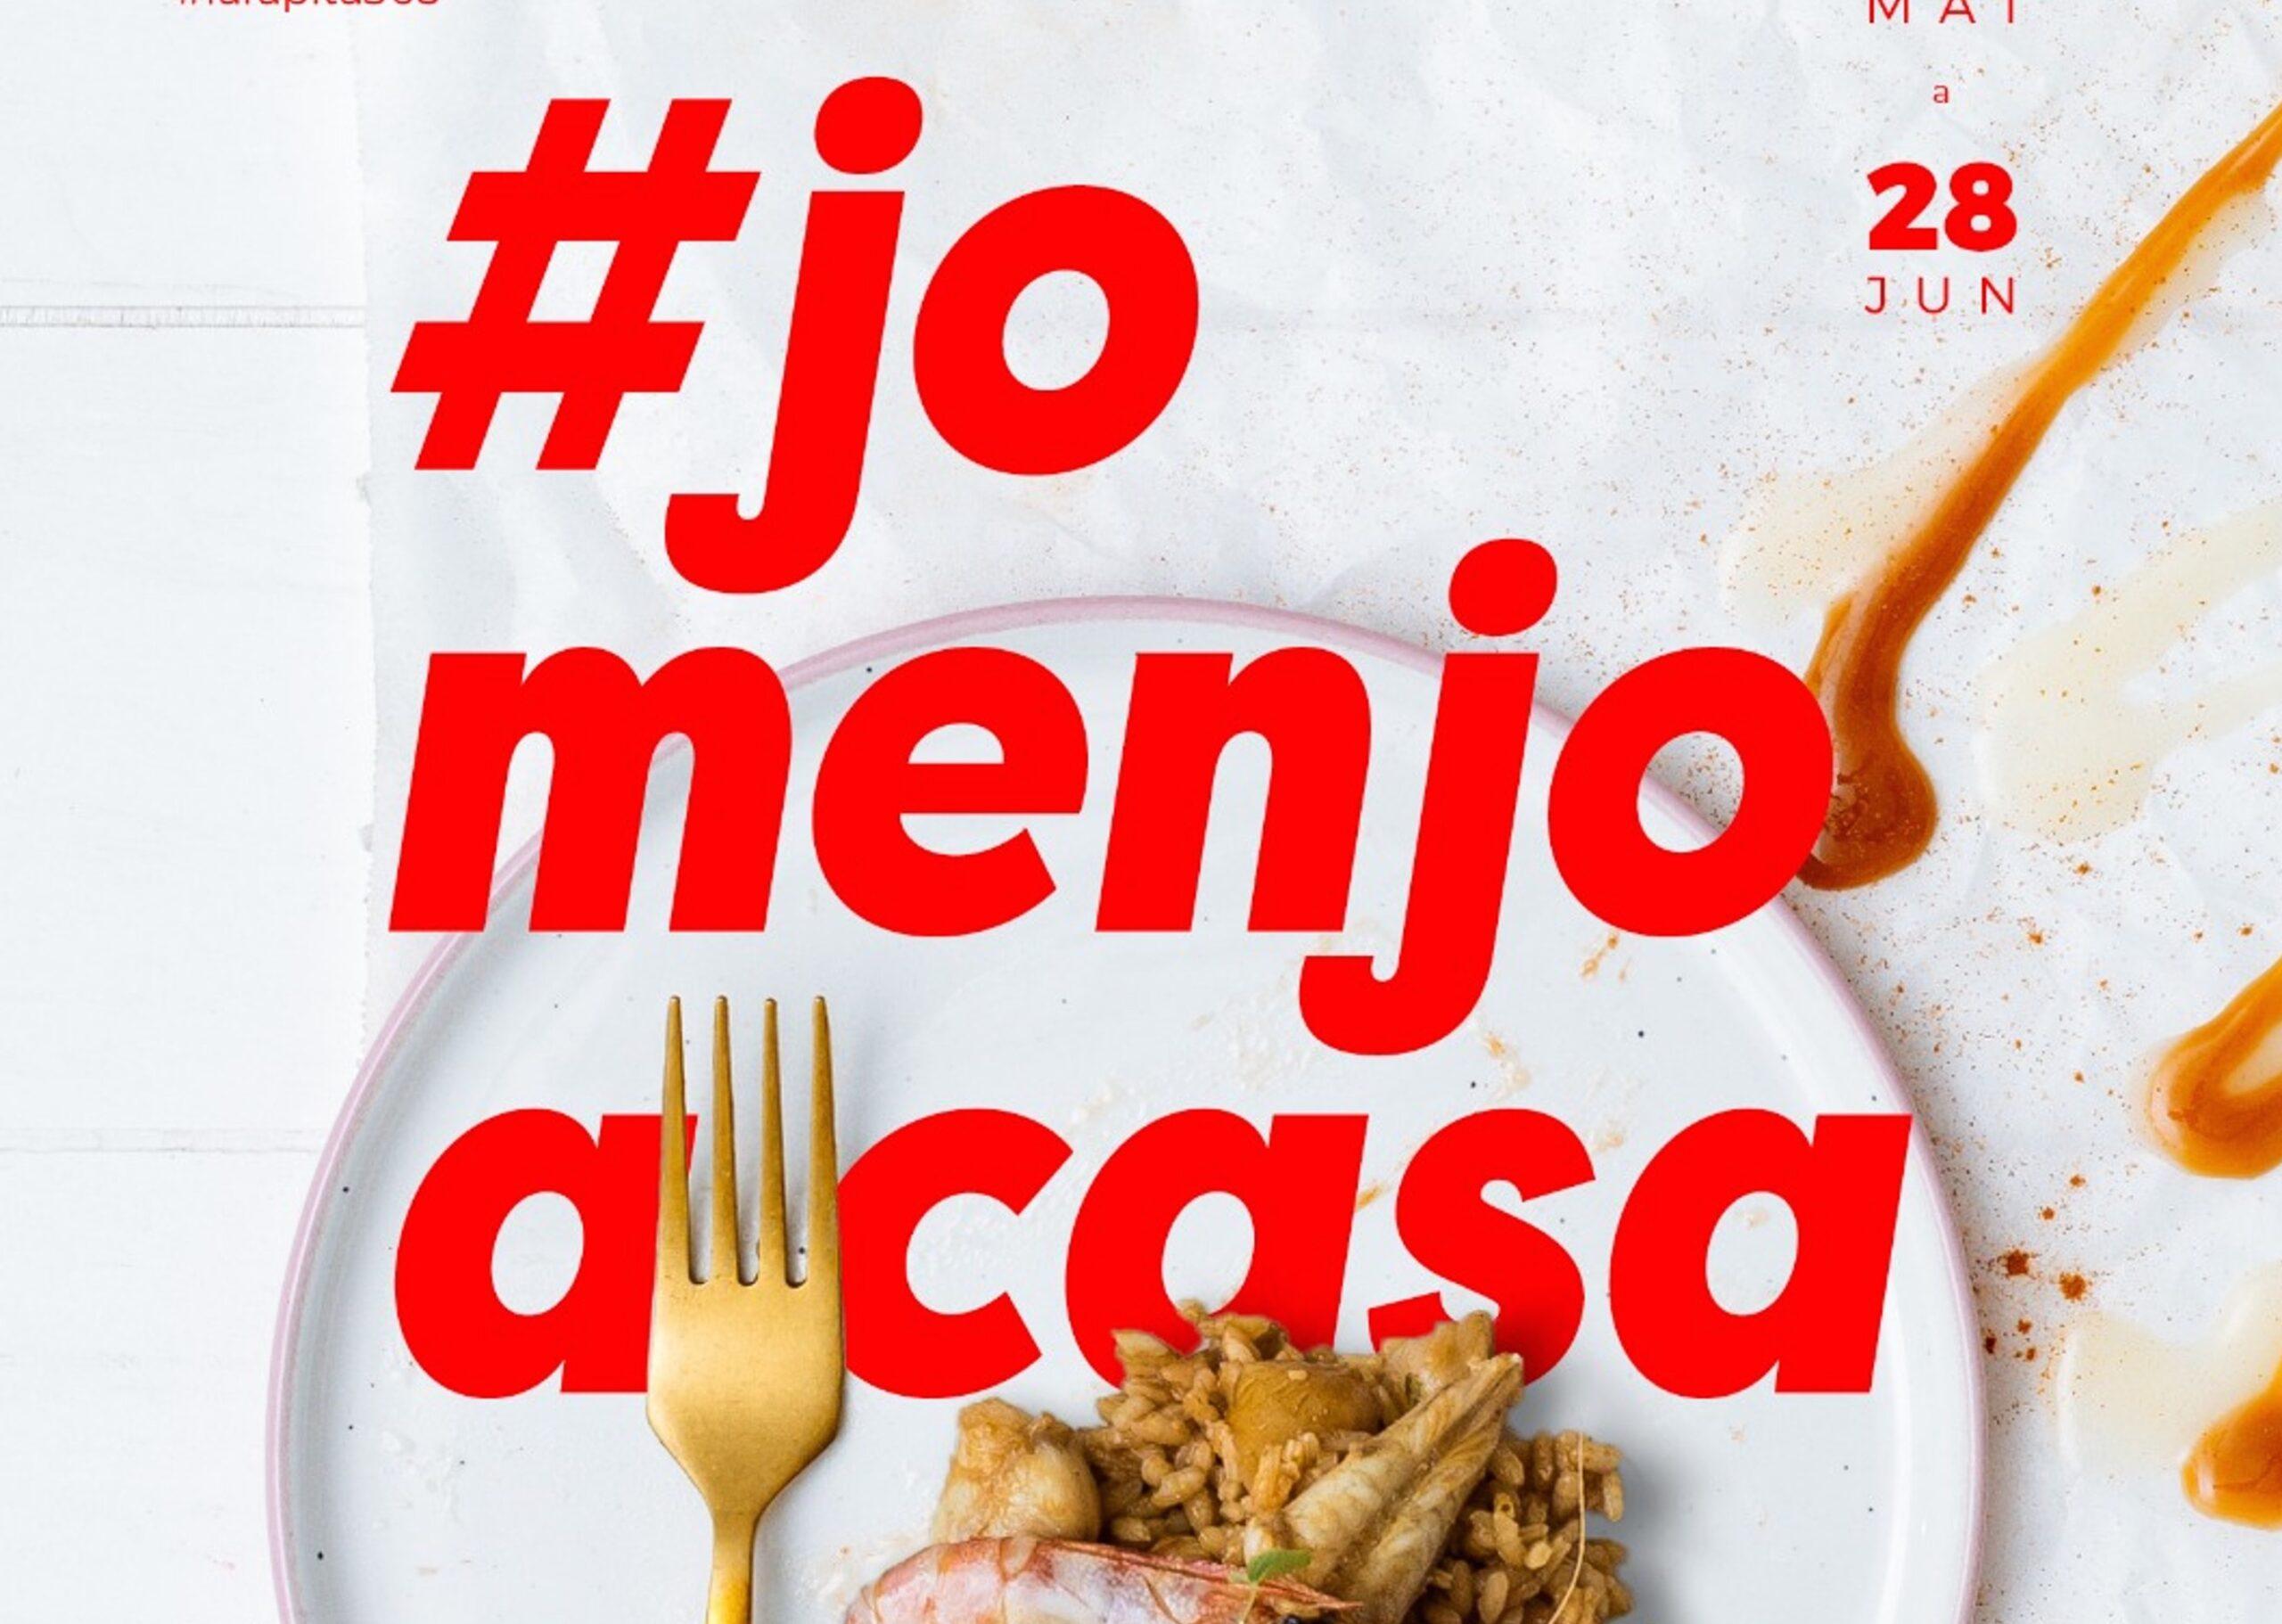 Cartell de les jornades gastronòmiques #joemquedoacasa que han impulsat els restauradors de la Ràpita